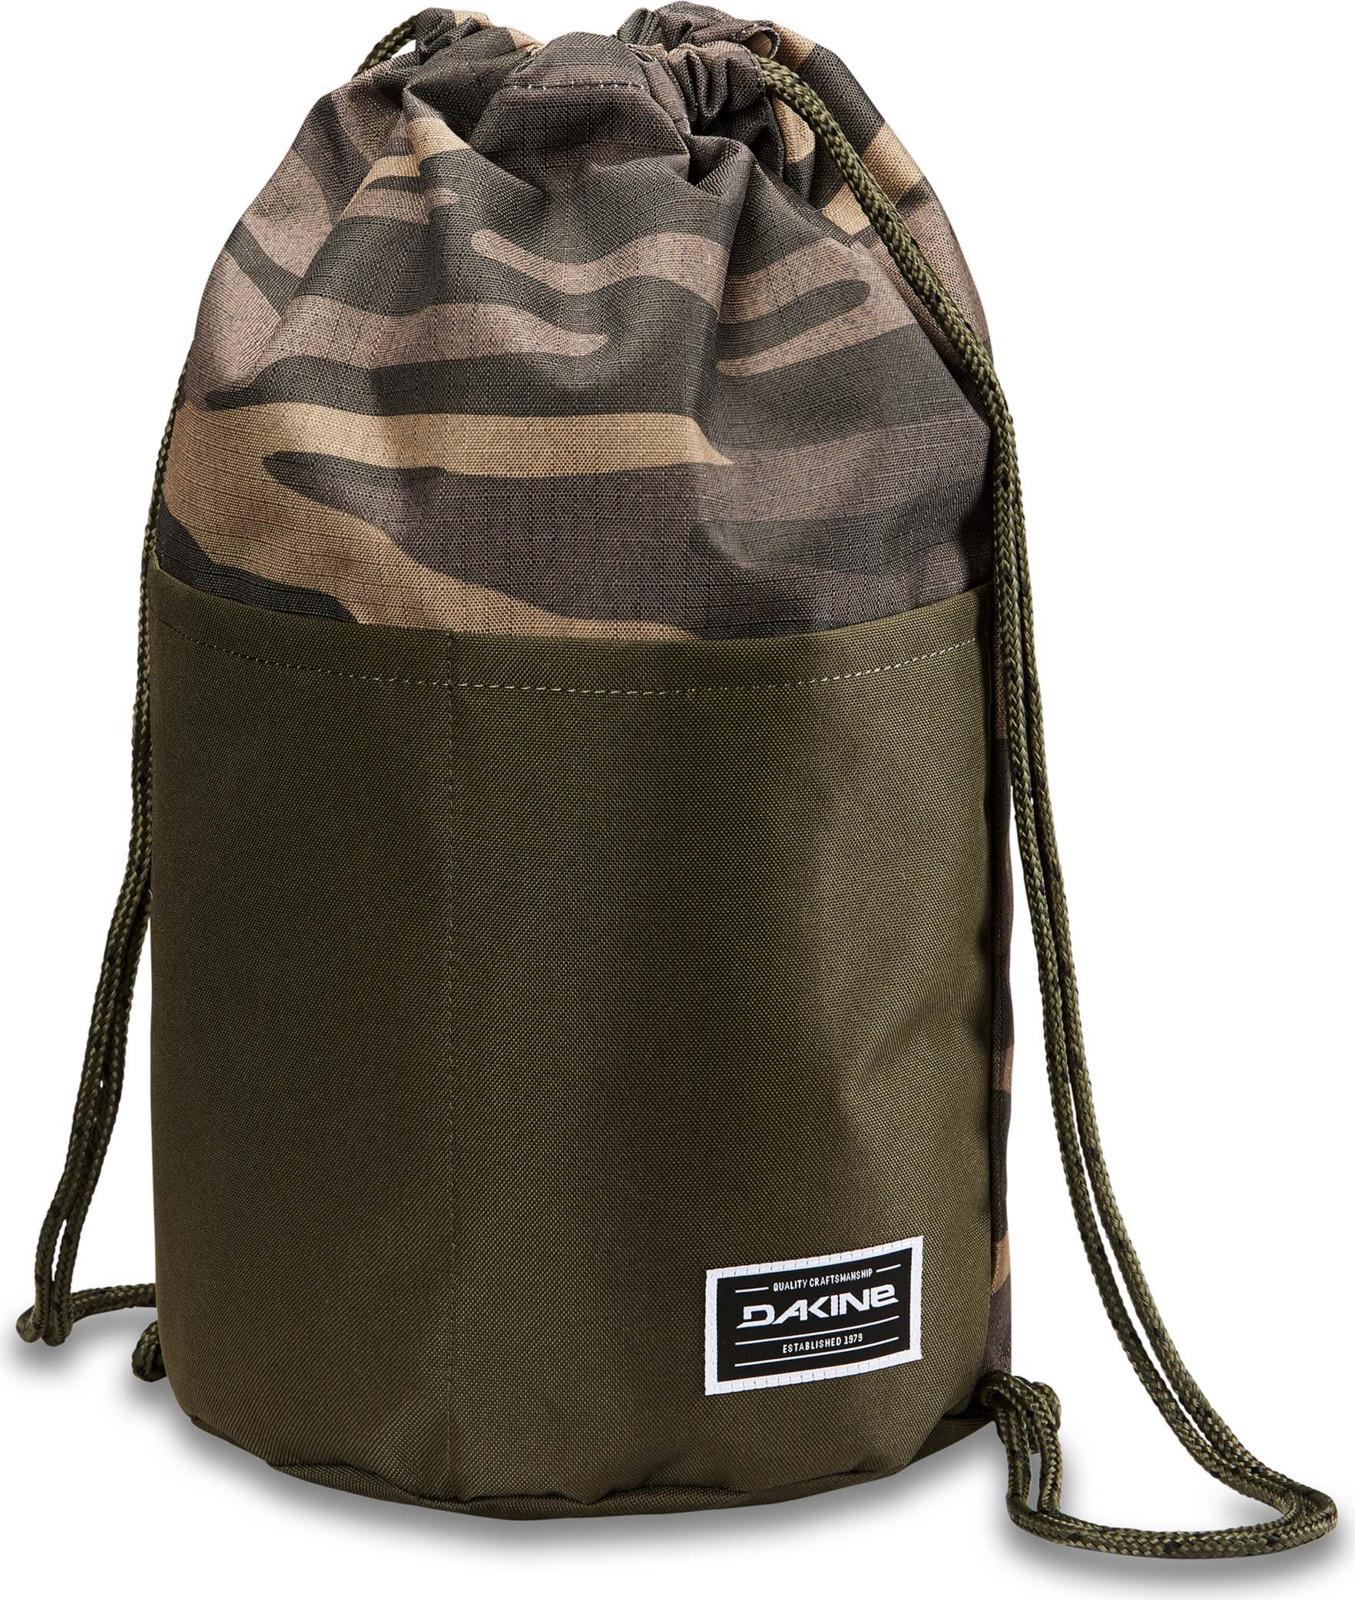 Рюкзак Dakine Cinch Pack, цвет: камуфляж, 17 л